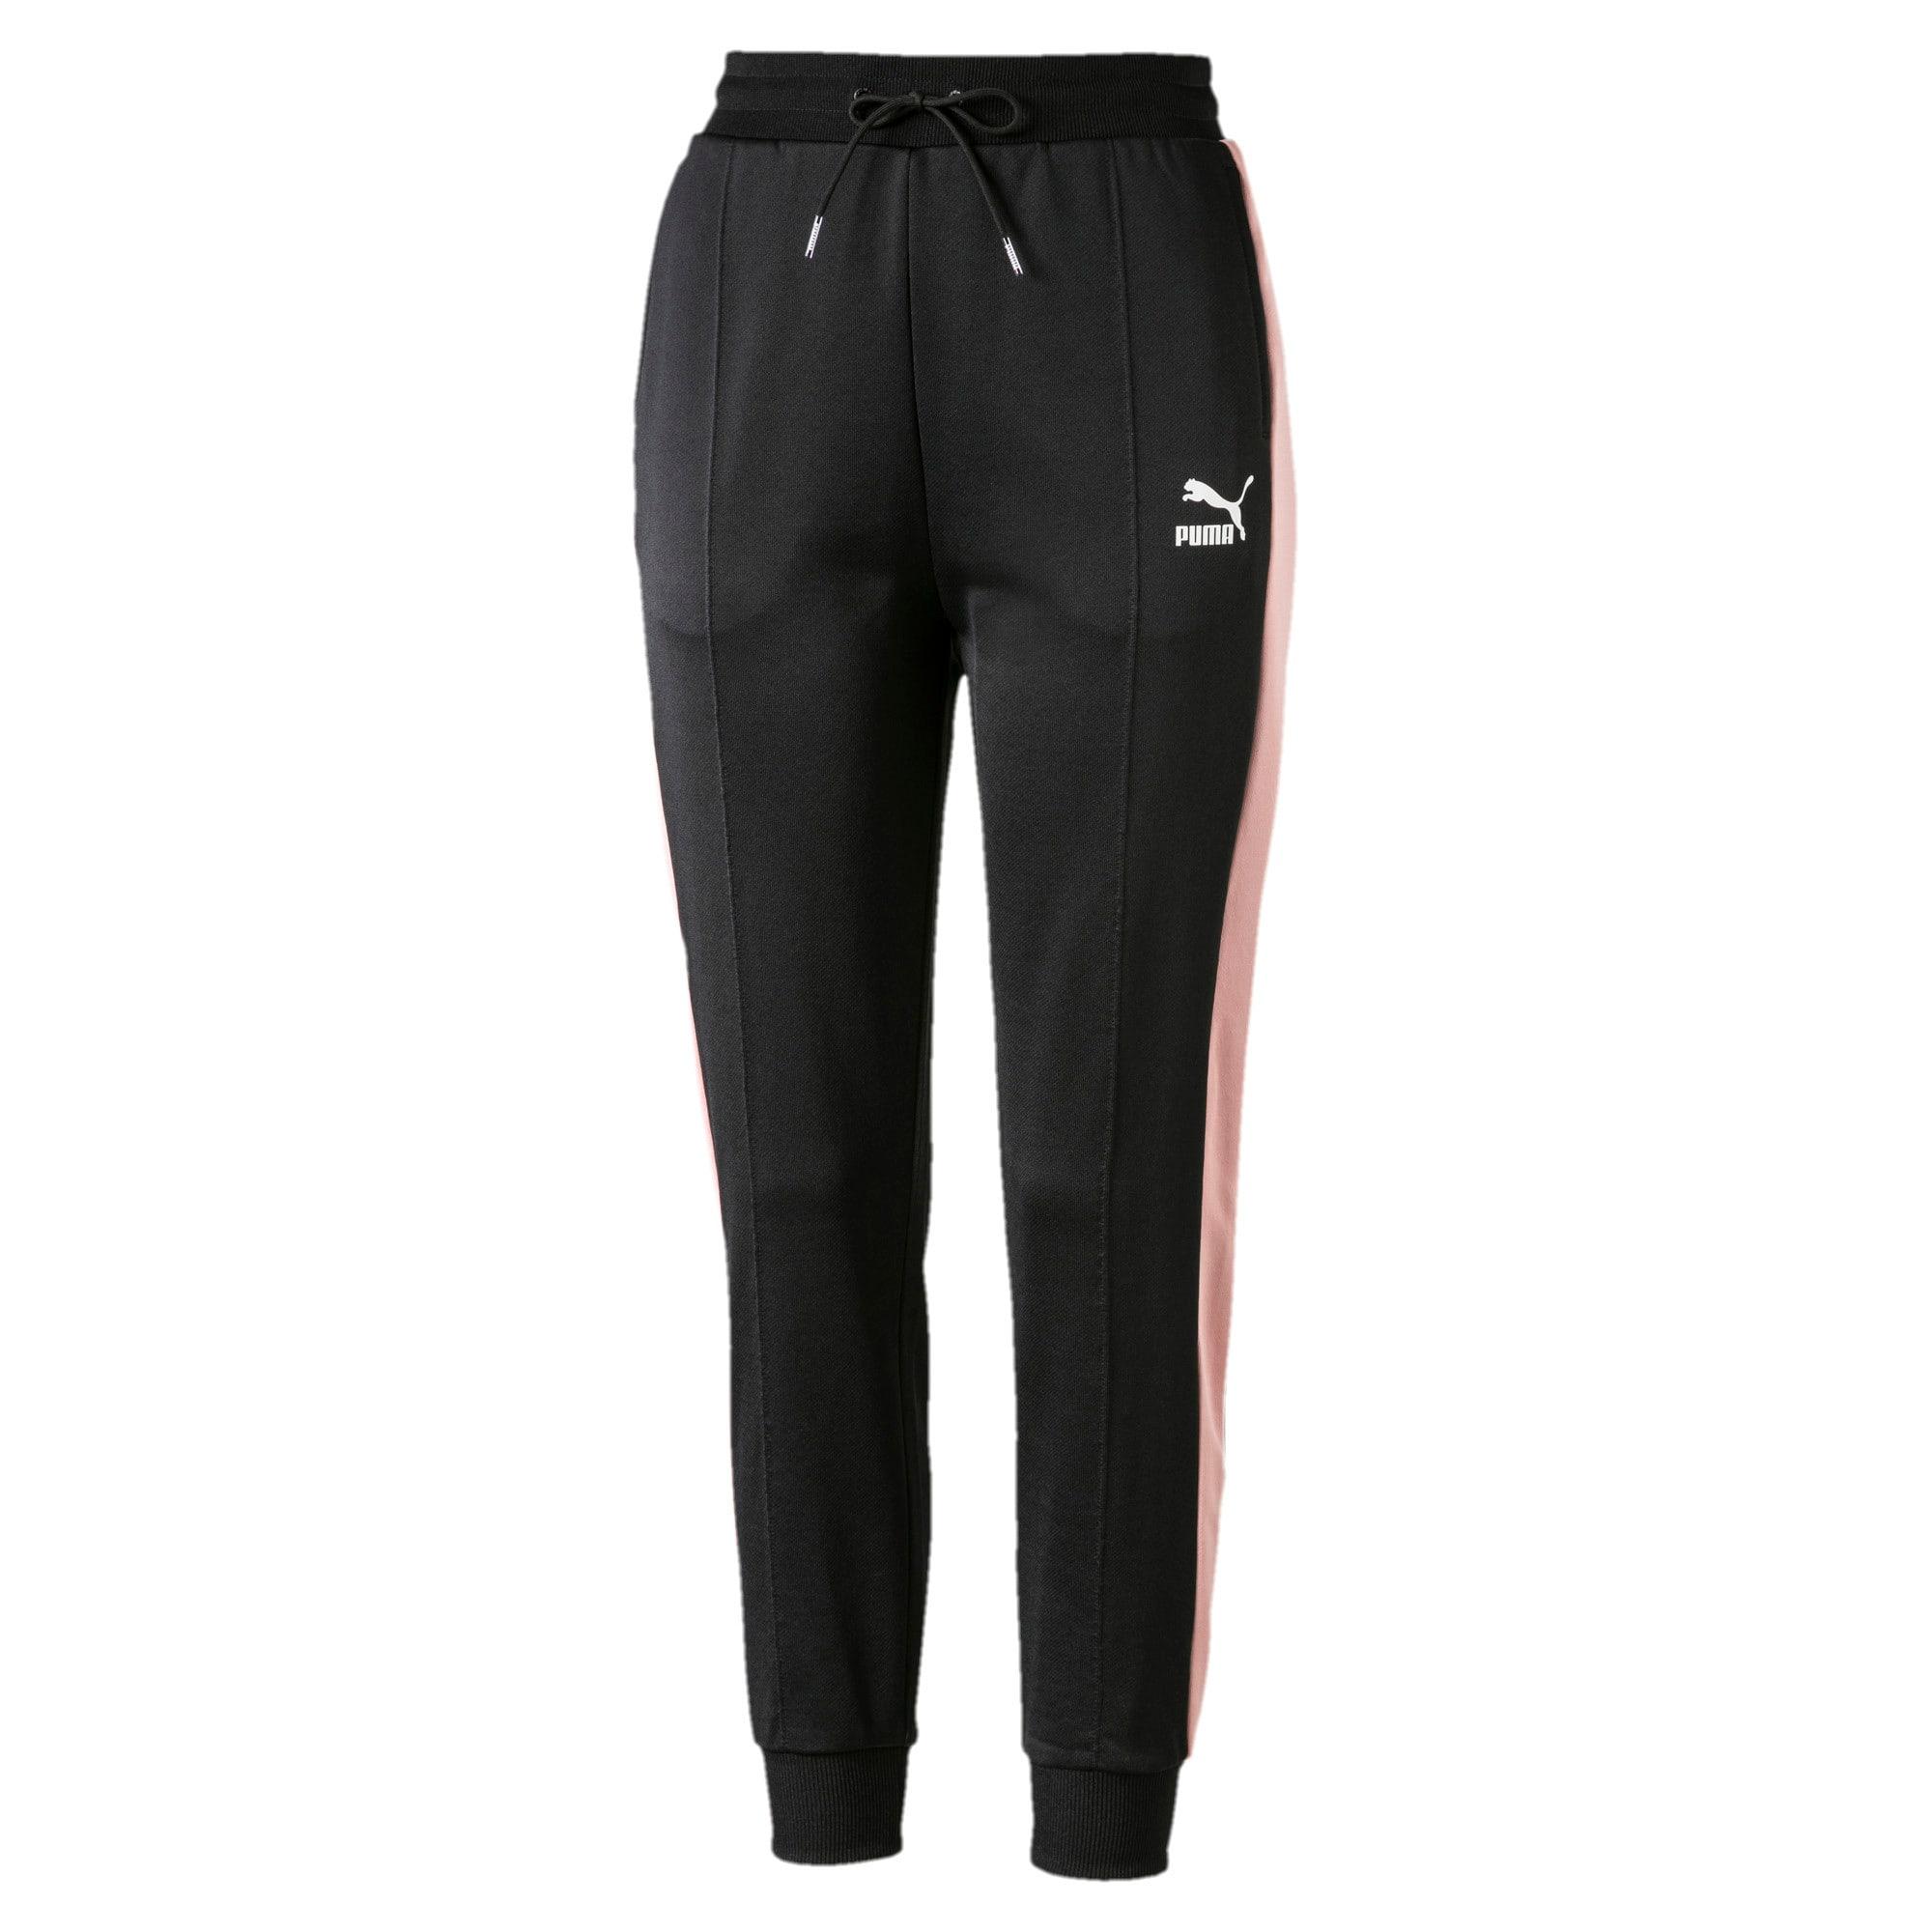 Miniatura 1 de Pantalones deportivos Classics T7 PT, Puma Black, mediano